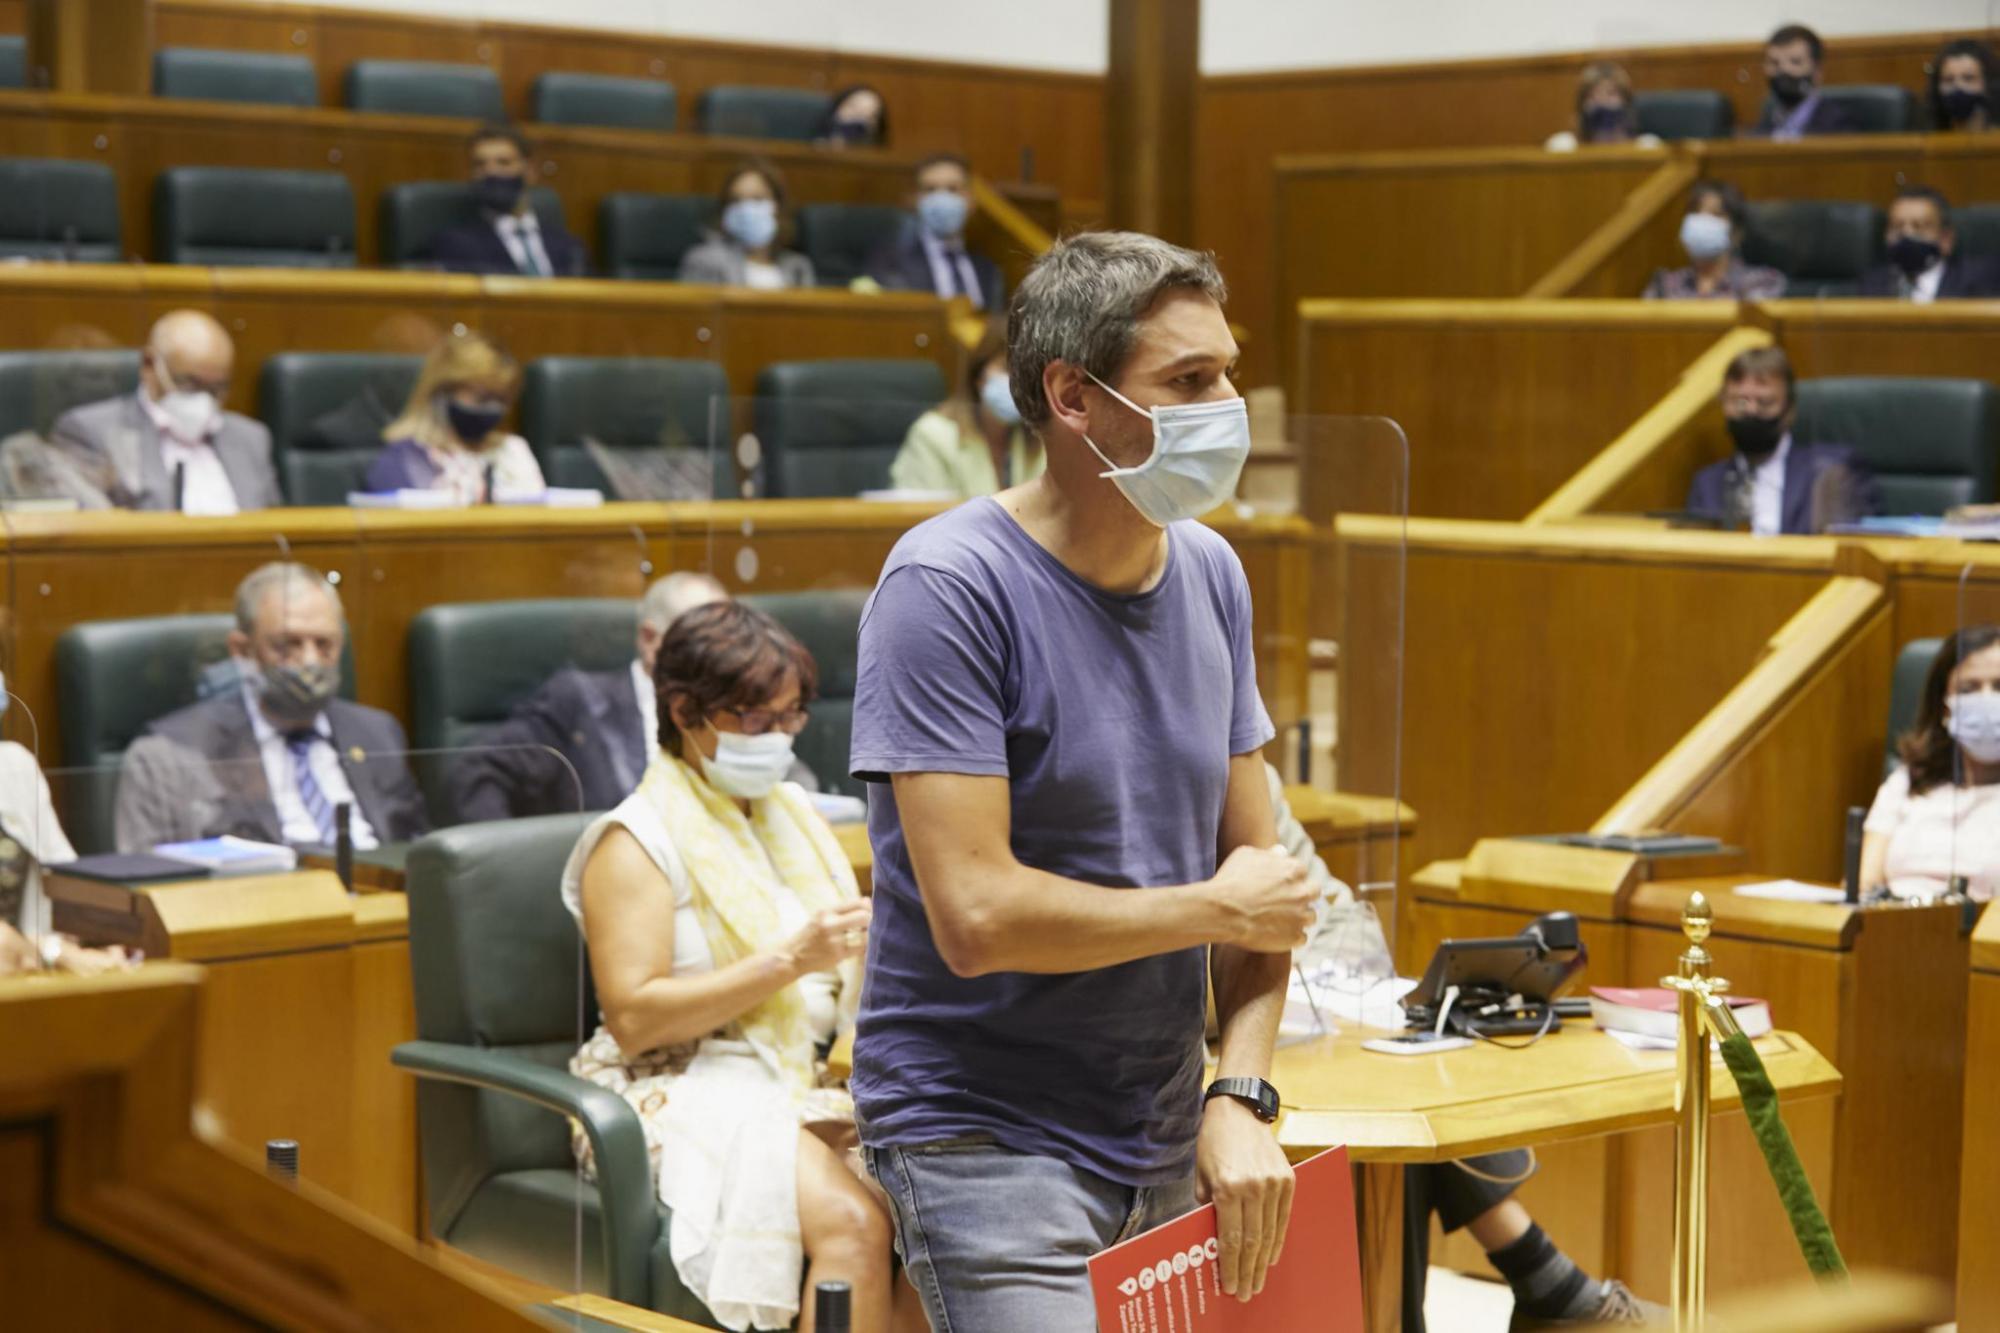 El Parlamento aprobó a iniciativa de #ElkarrekinPodemosIU una Proposición No de Ley para que el empleo digno sea prioritario en los diseños de políticas de empleo.